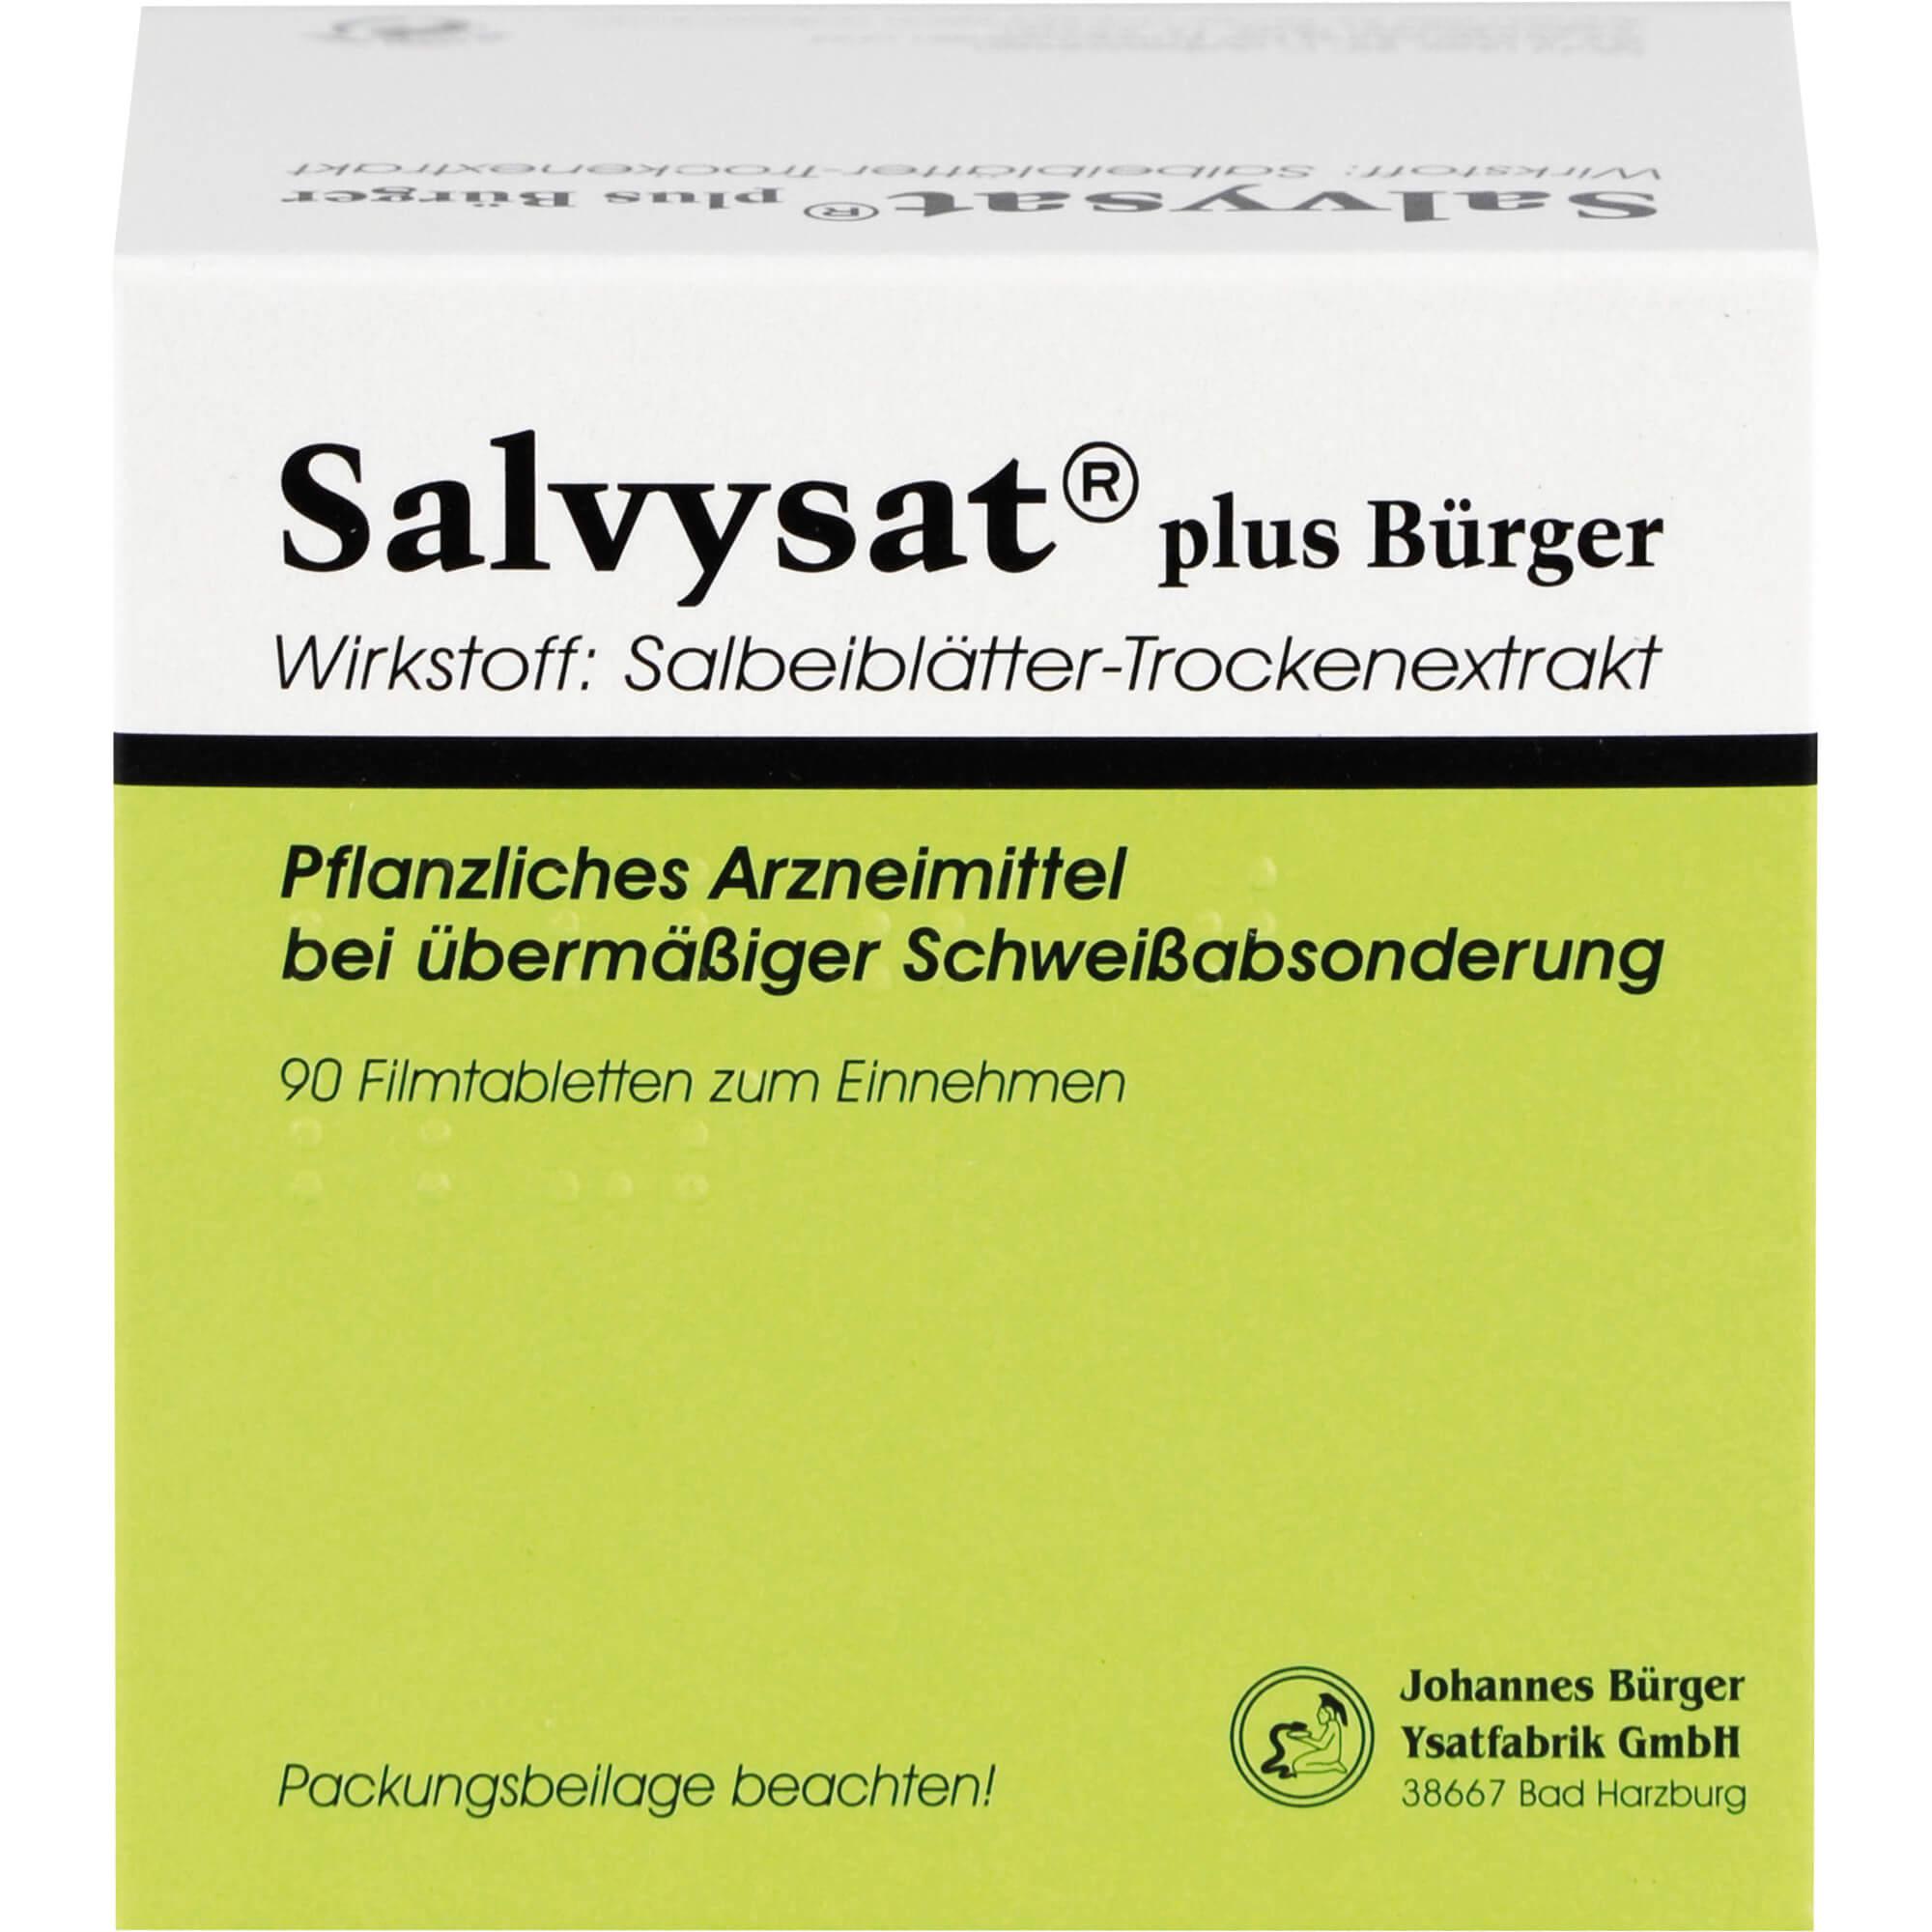 SALVYSAT plus Bürger 300 mg Filmtabletten